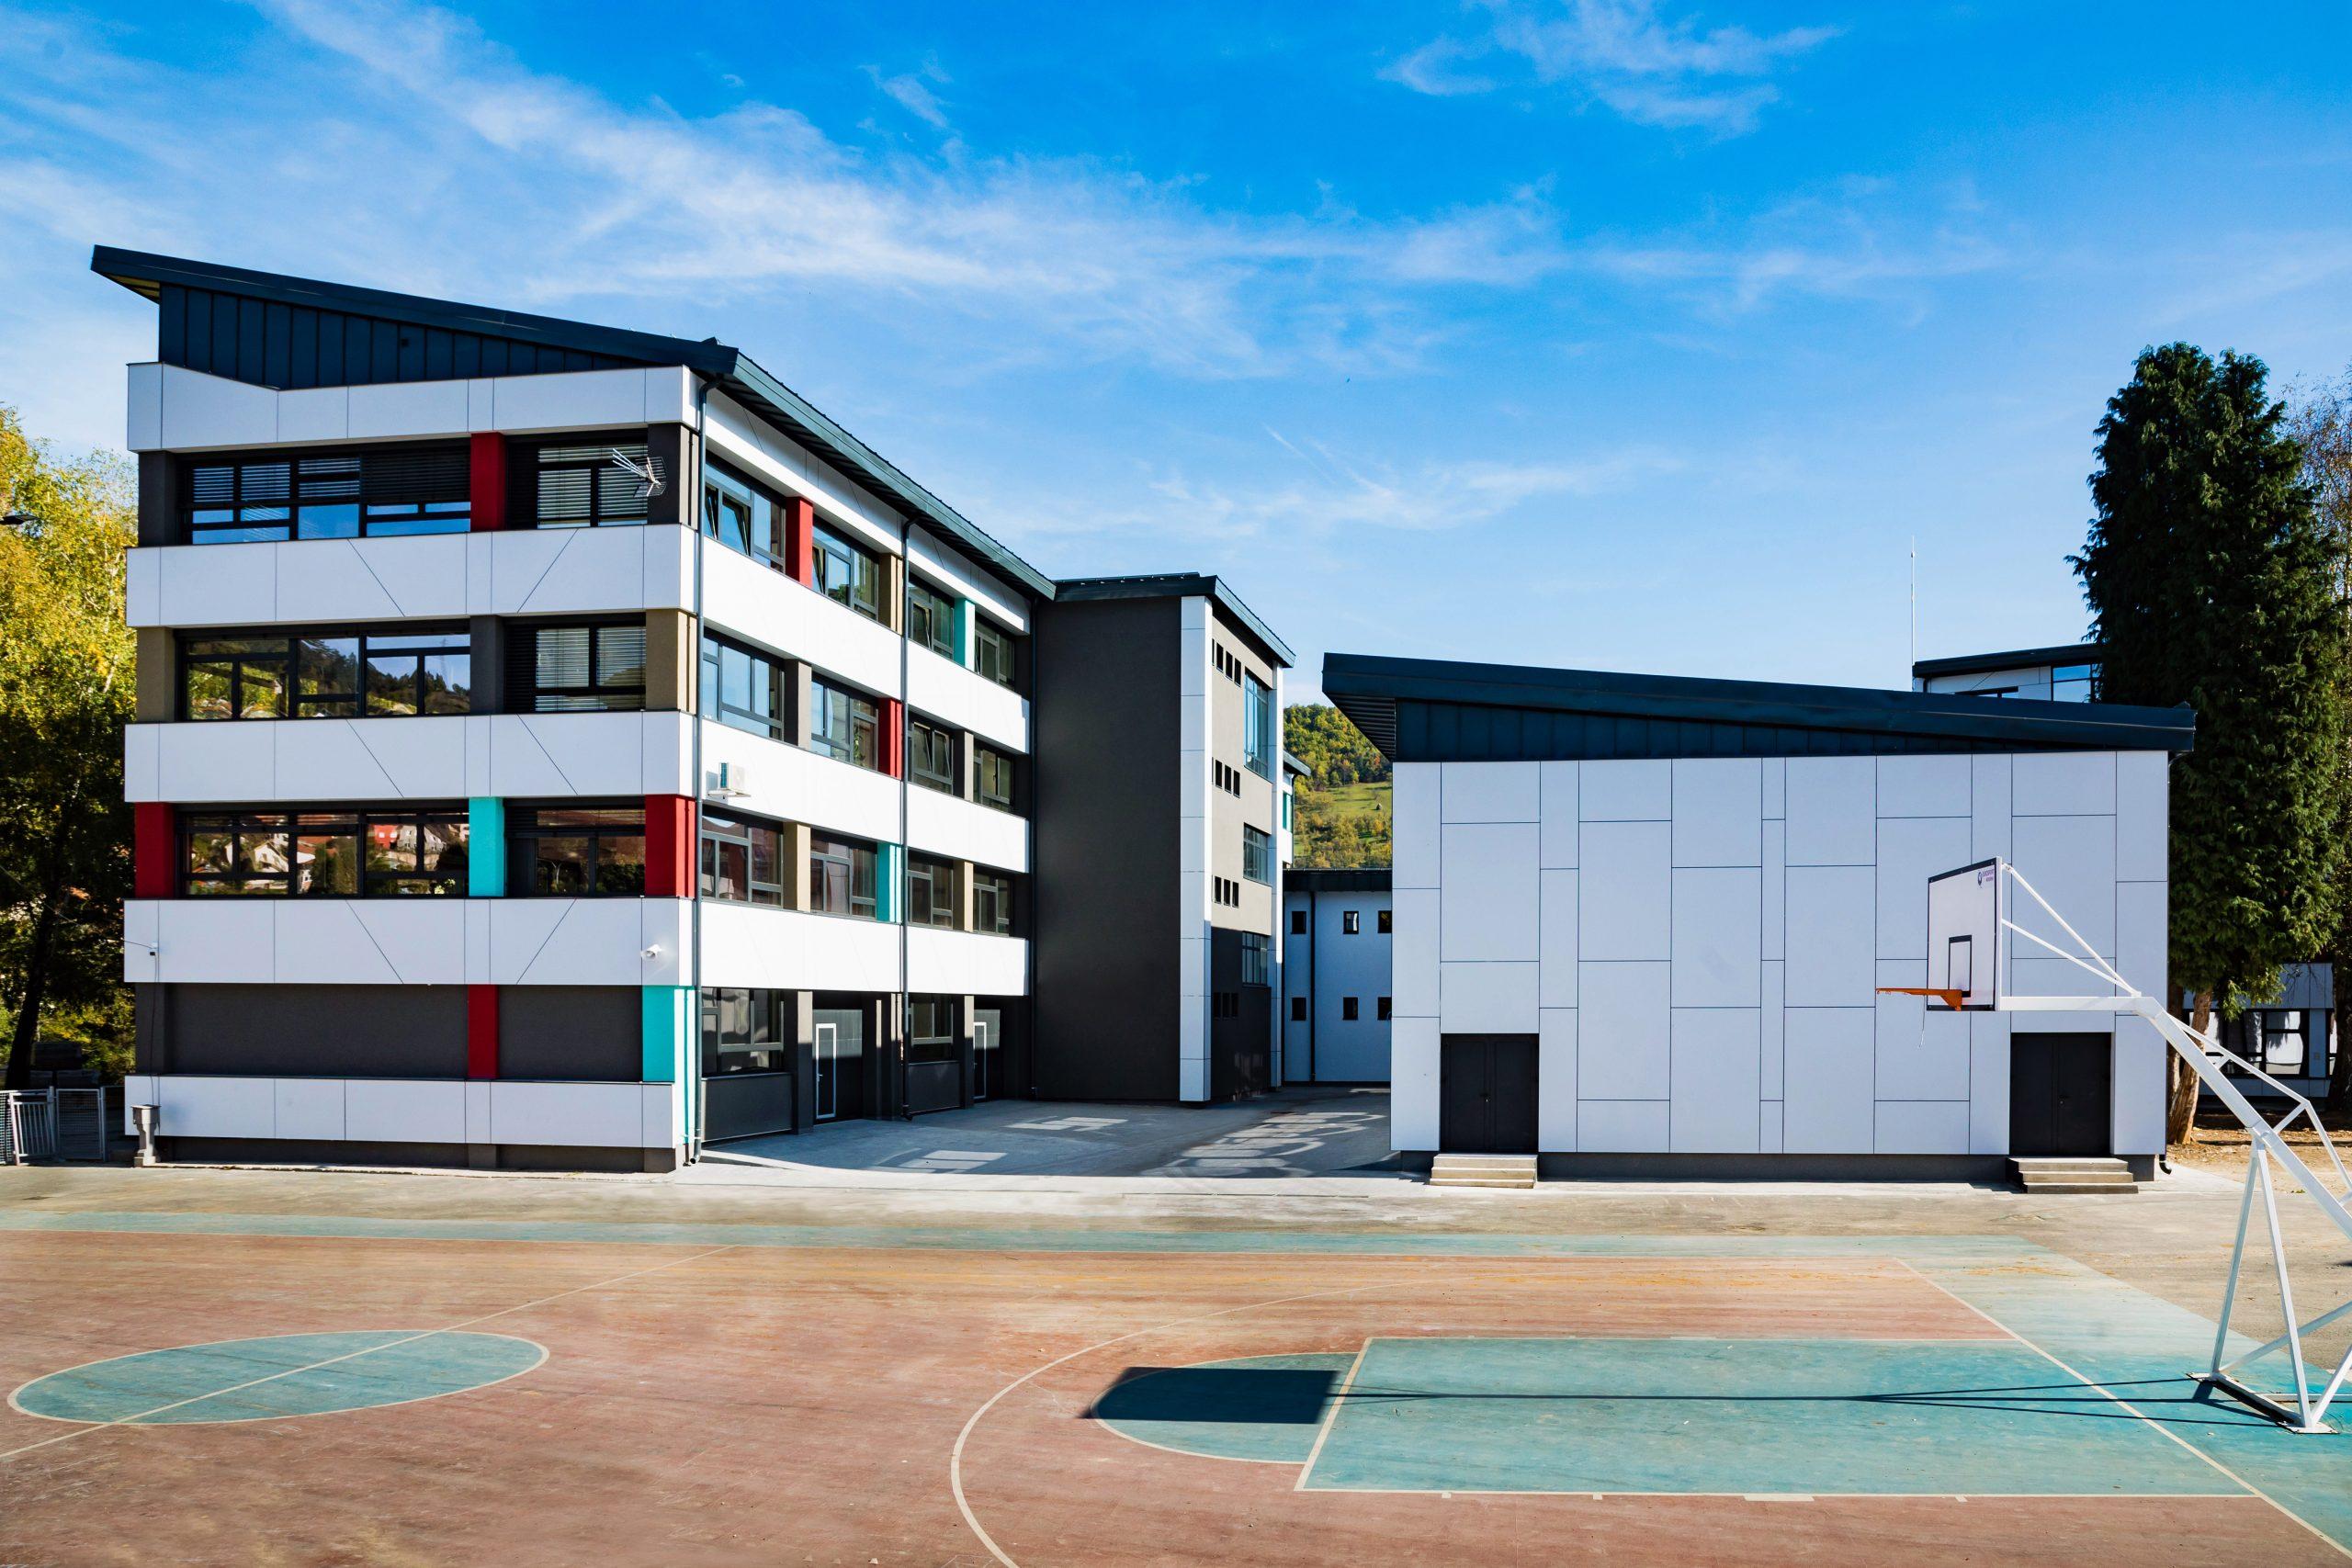 U samom centru Priboja se nalaze osnvna i srednja škola koje su u potpunosti rekonstruisane. Sada svojim izgledom plene i dominiraju u svom okruženju.